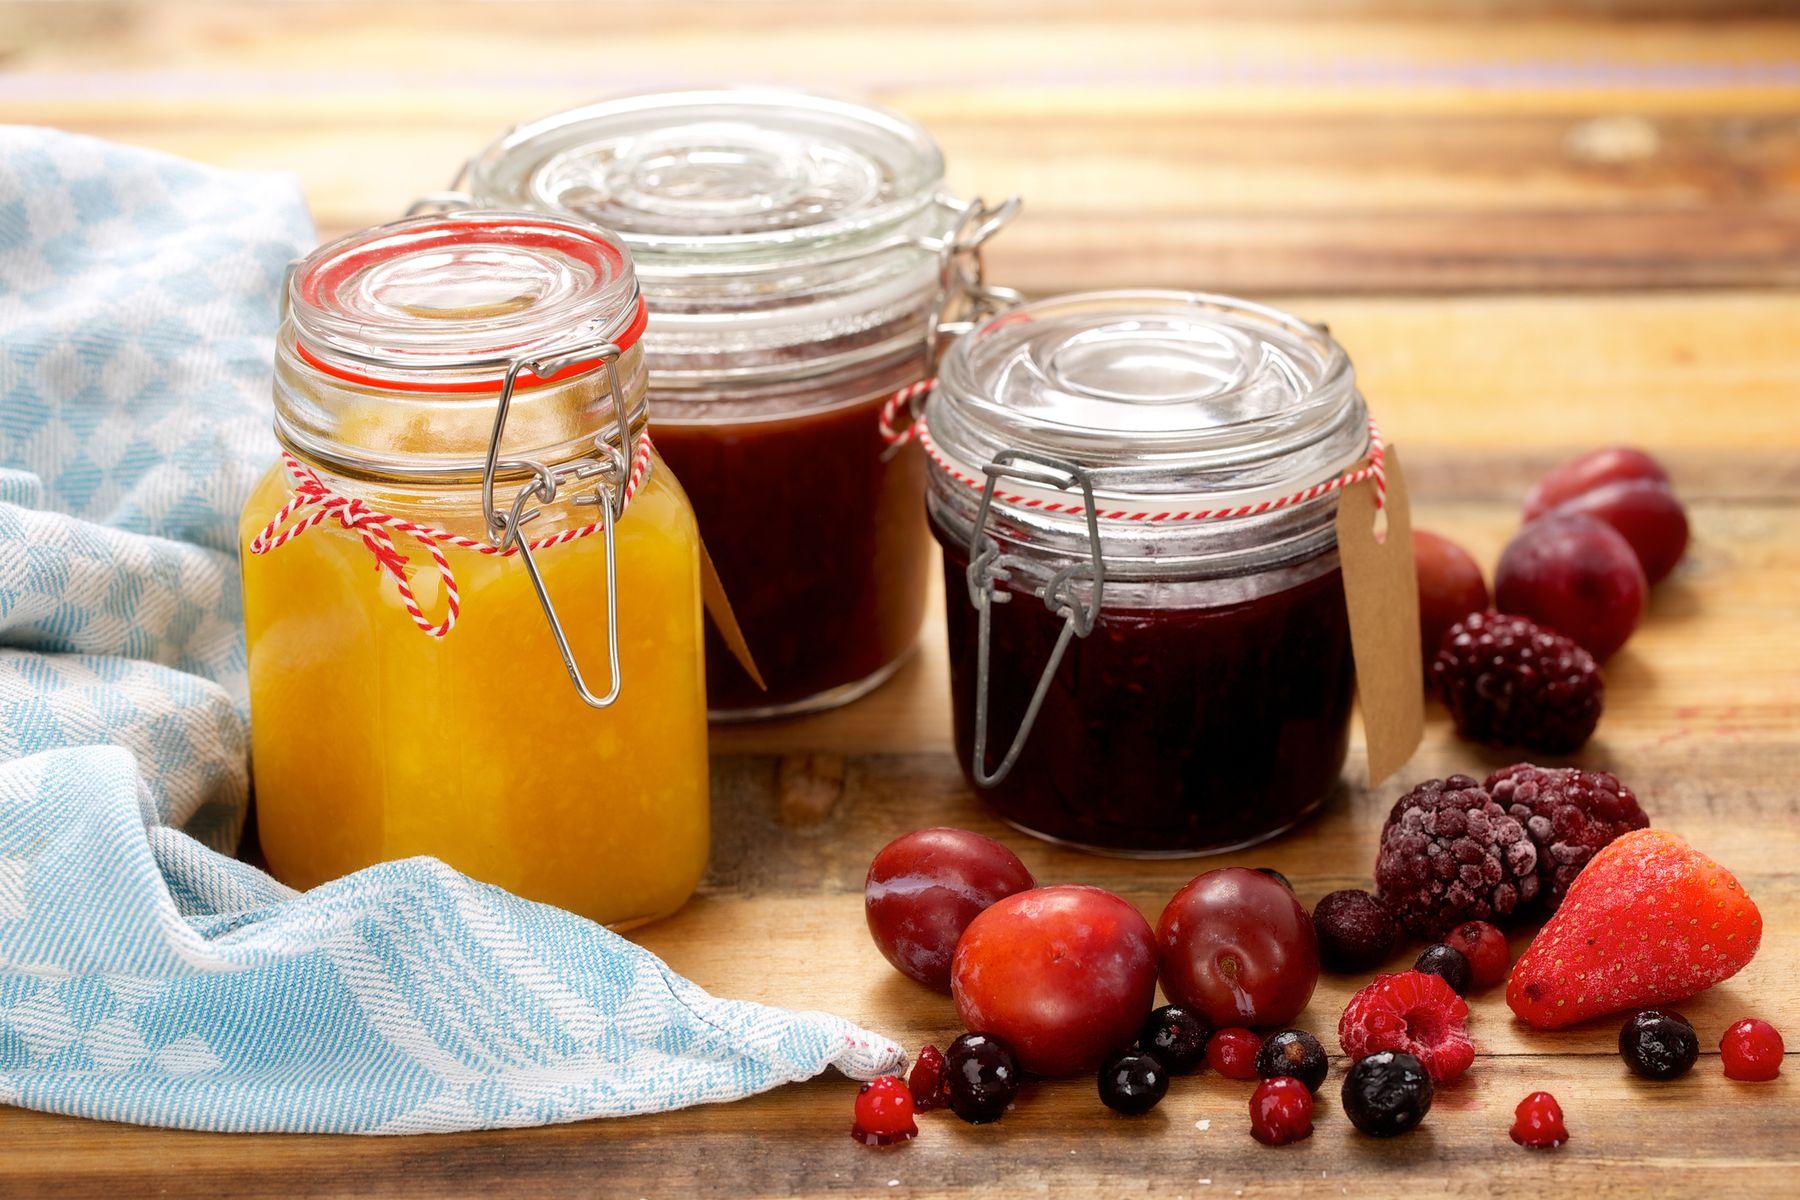 Three Kilner jam jars on a wooden table